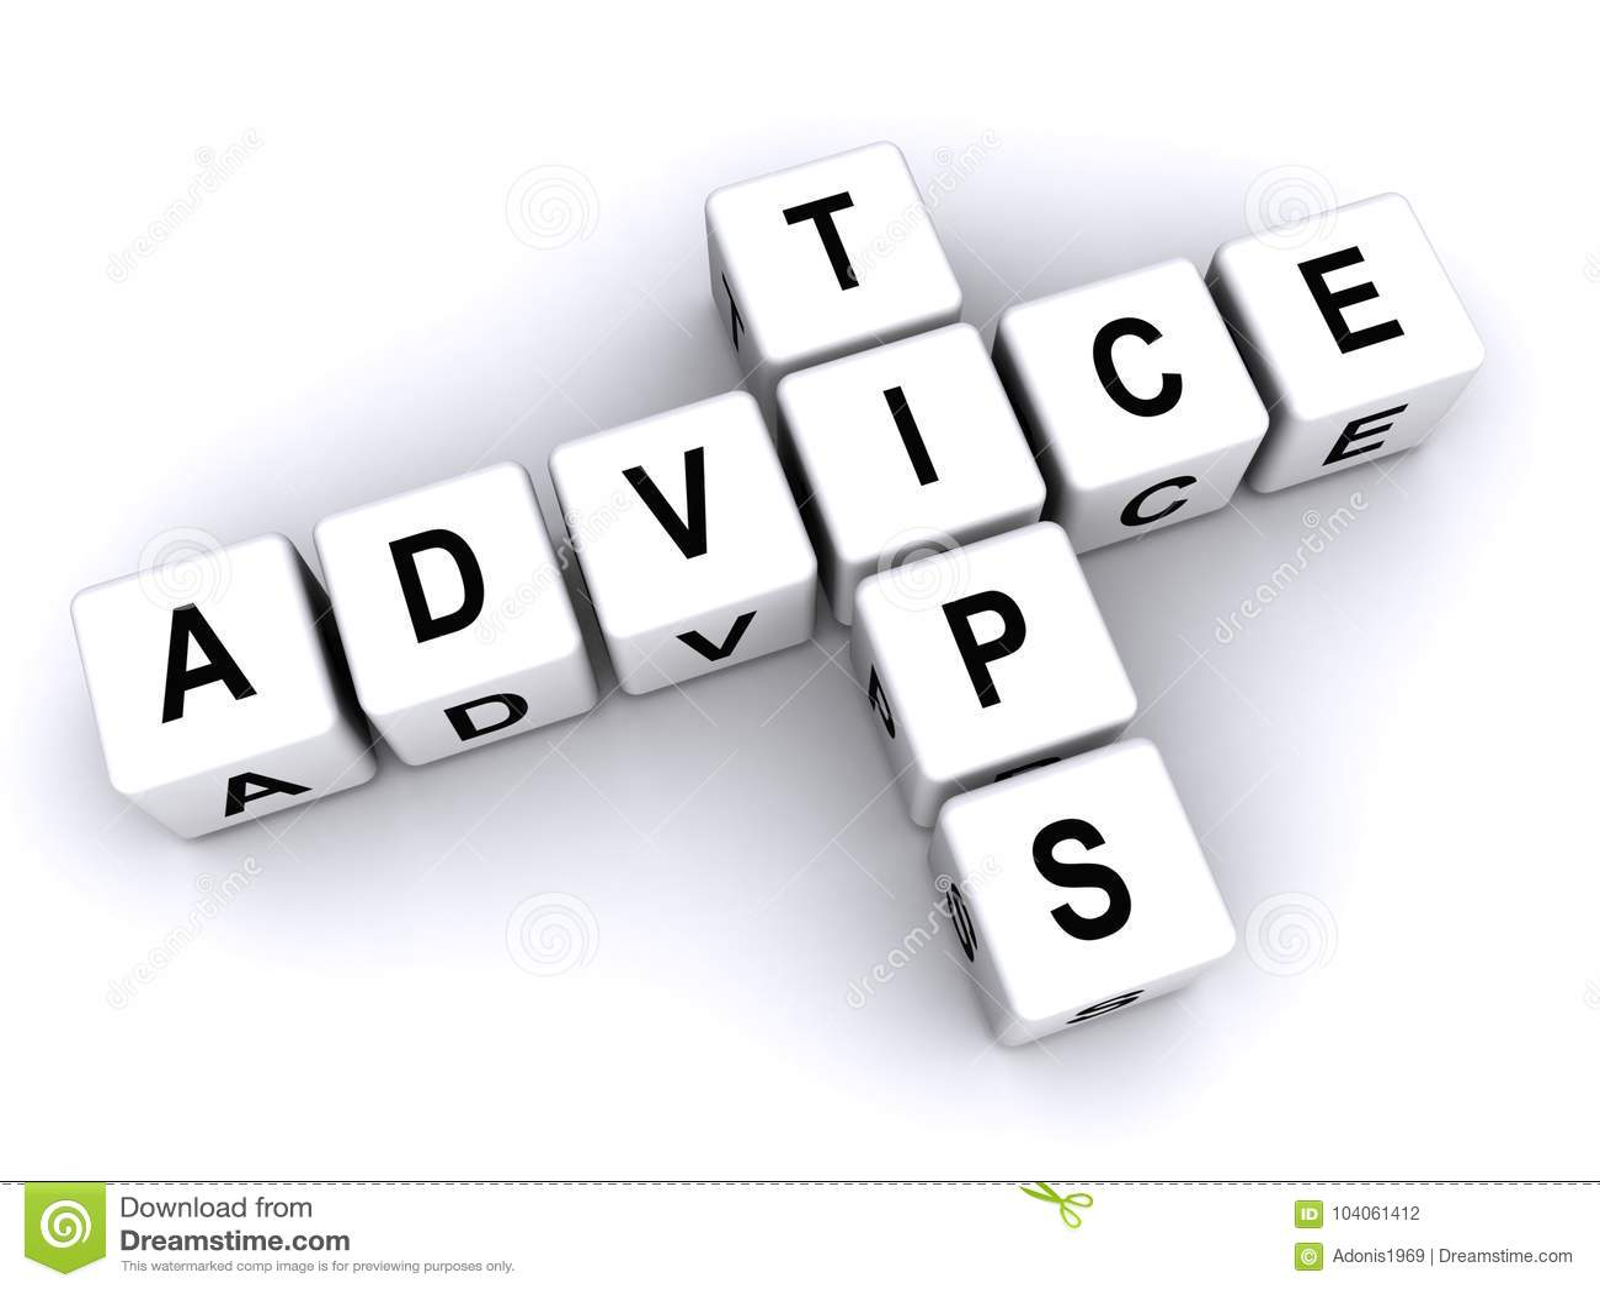 Подсказки и совет в блоках